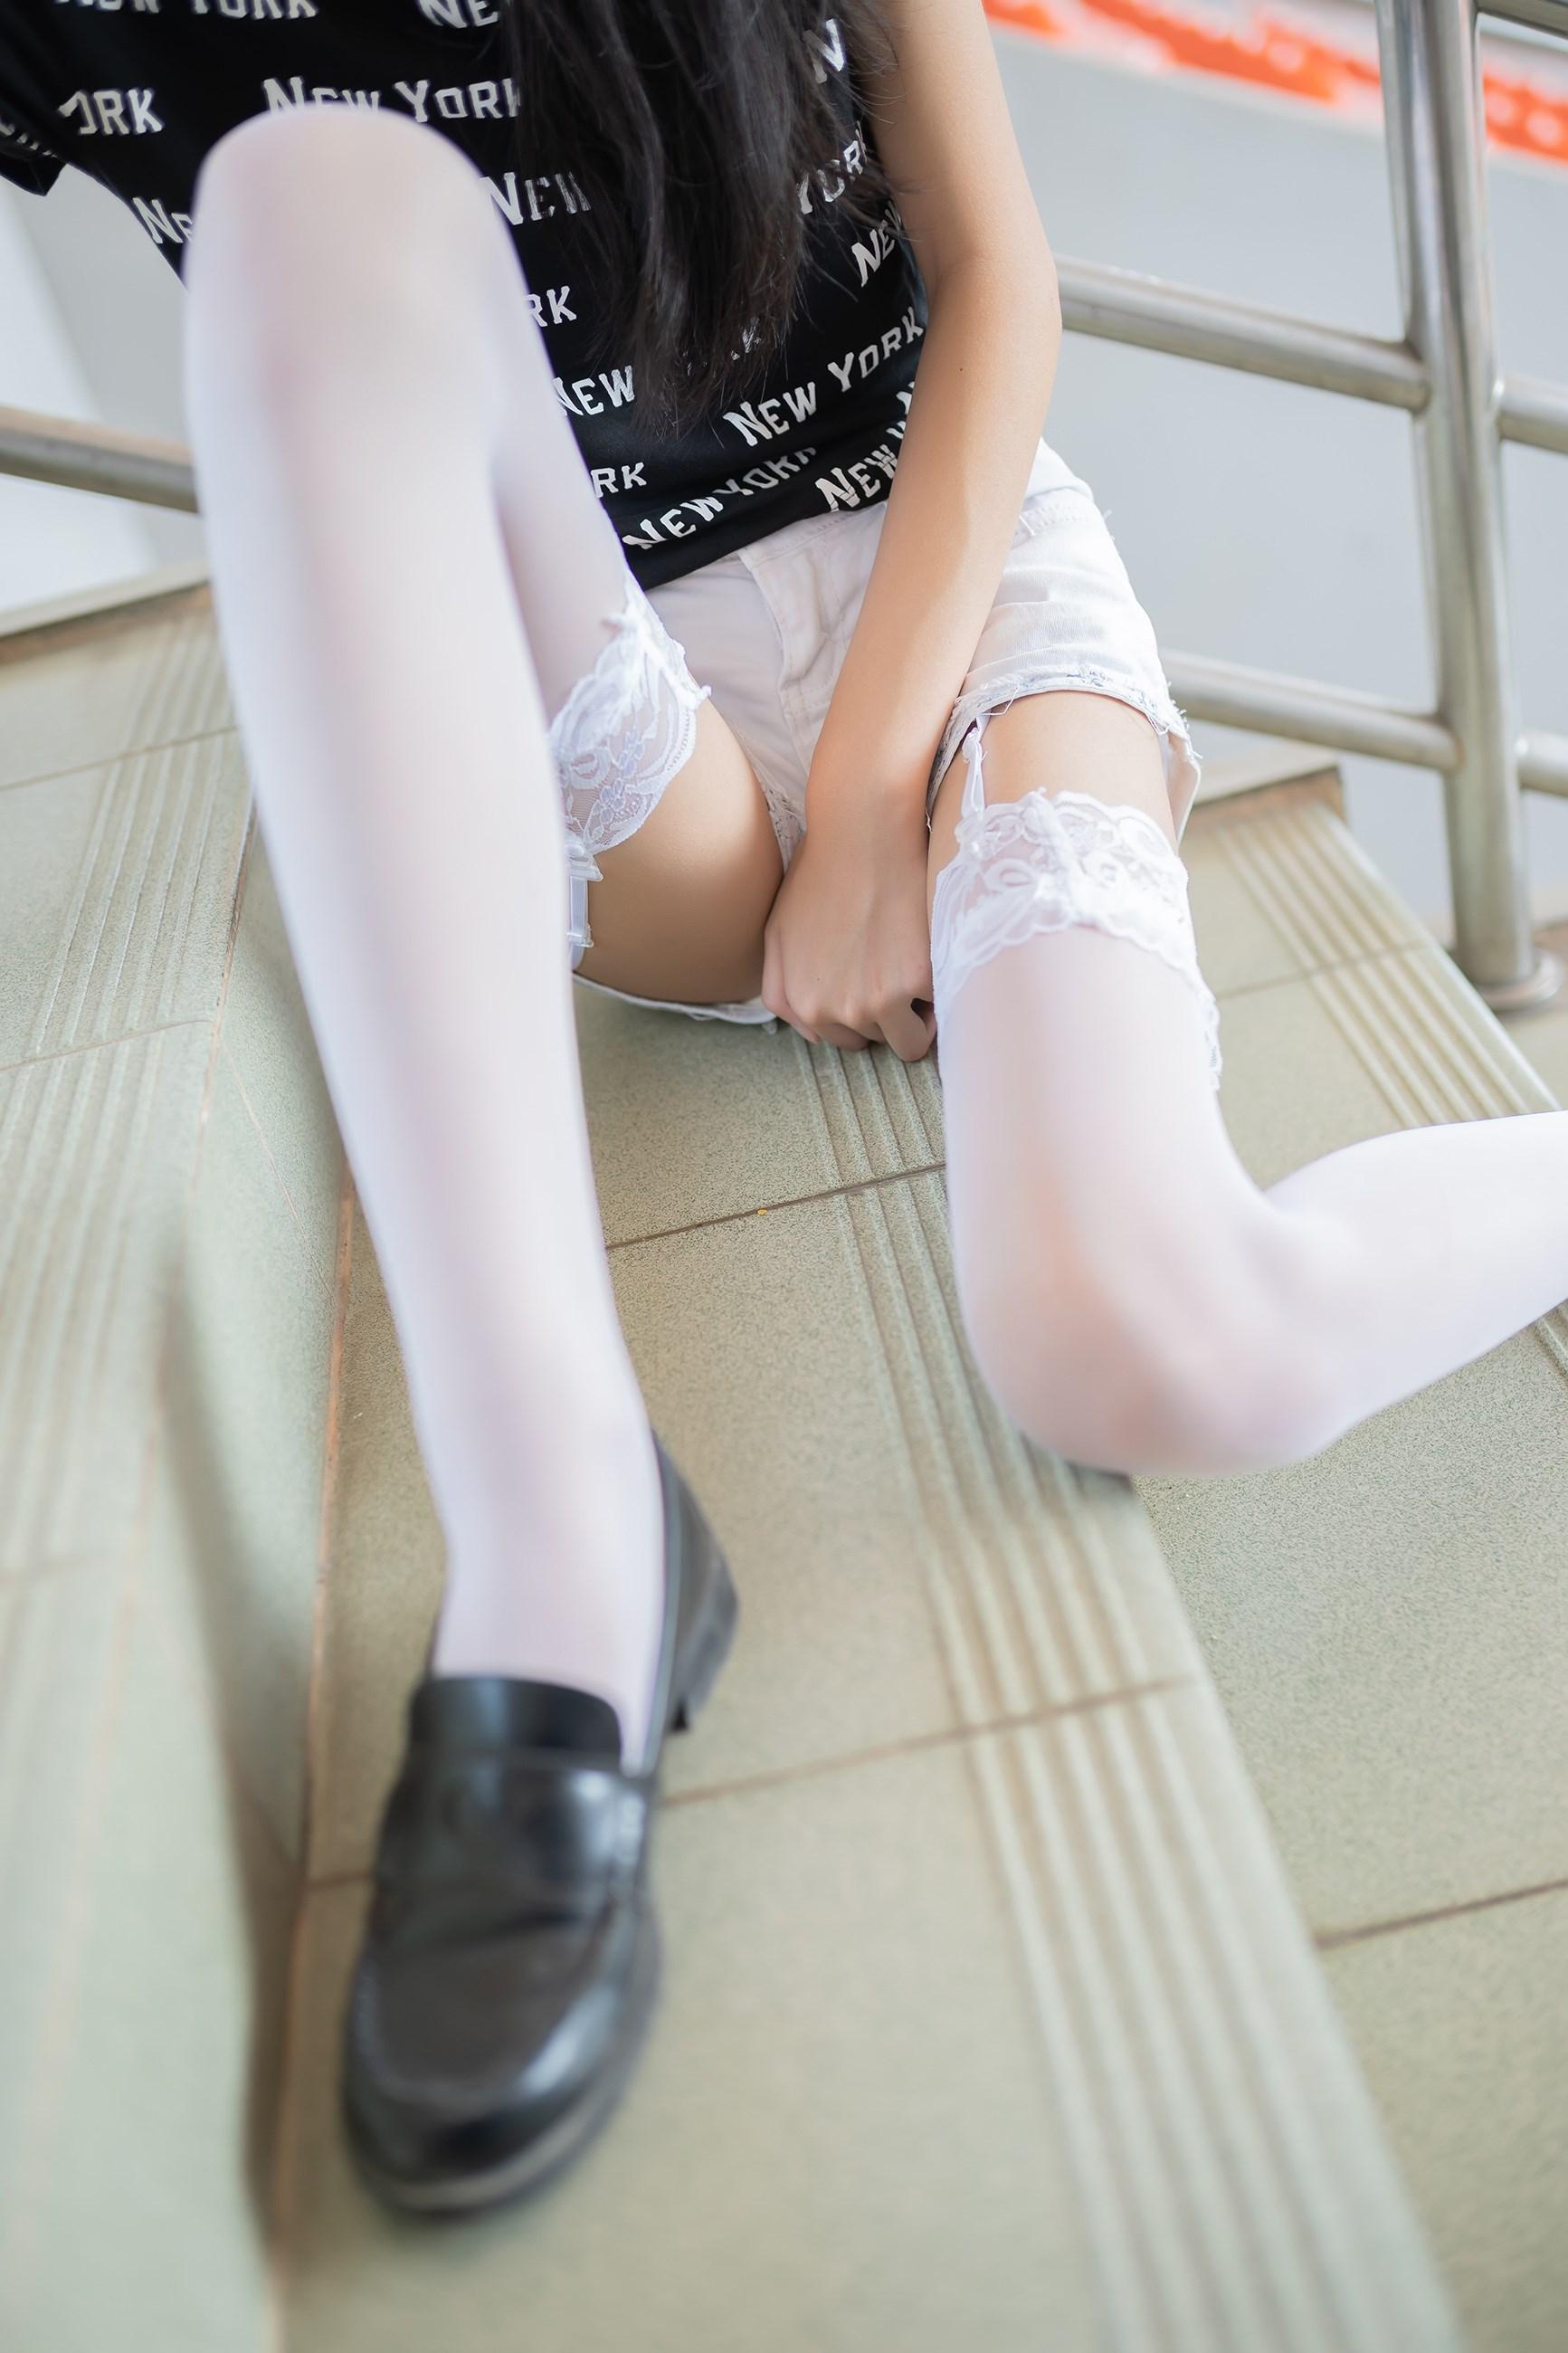 【兔玩映画】白丝吊带袜 兔玩映画 第38张